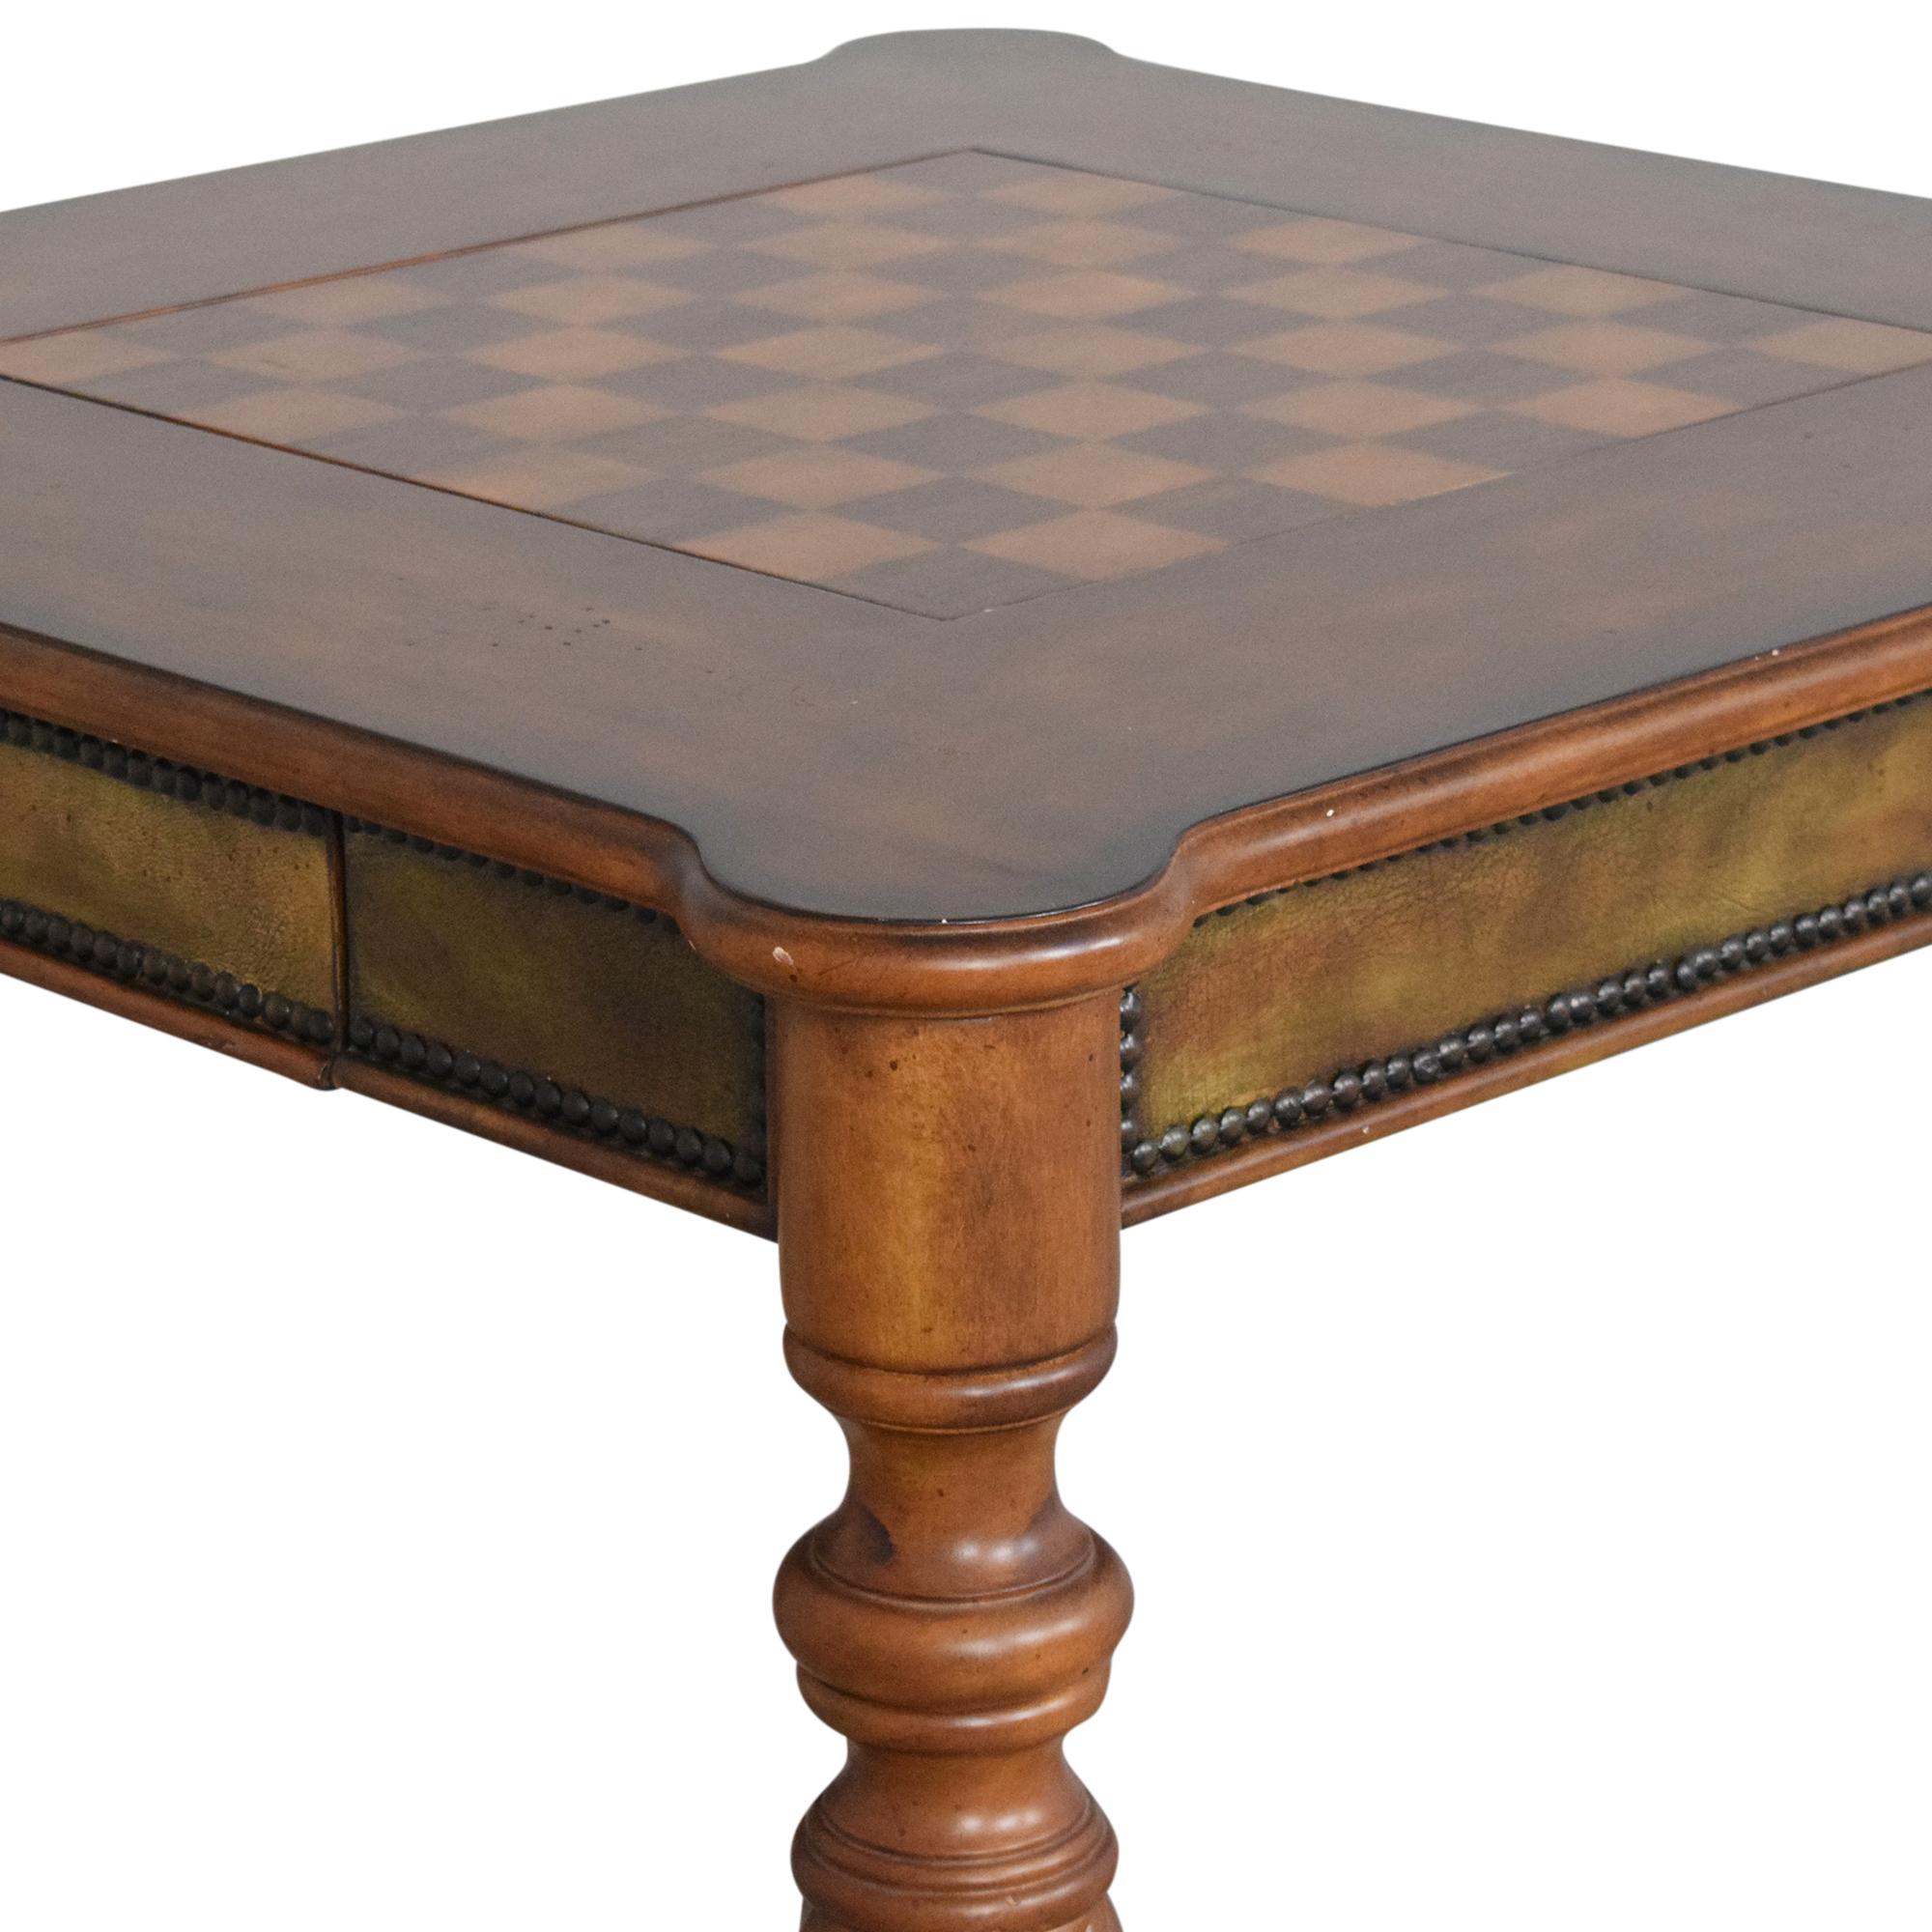 Hooker Furniture Hooker Furniture Game Table second hand